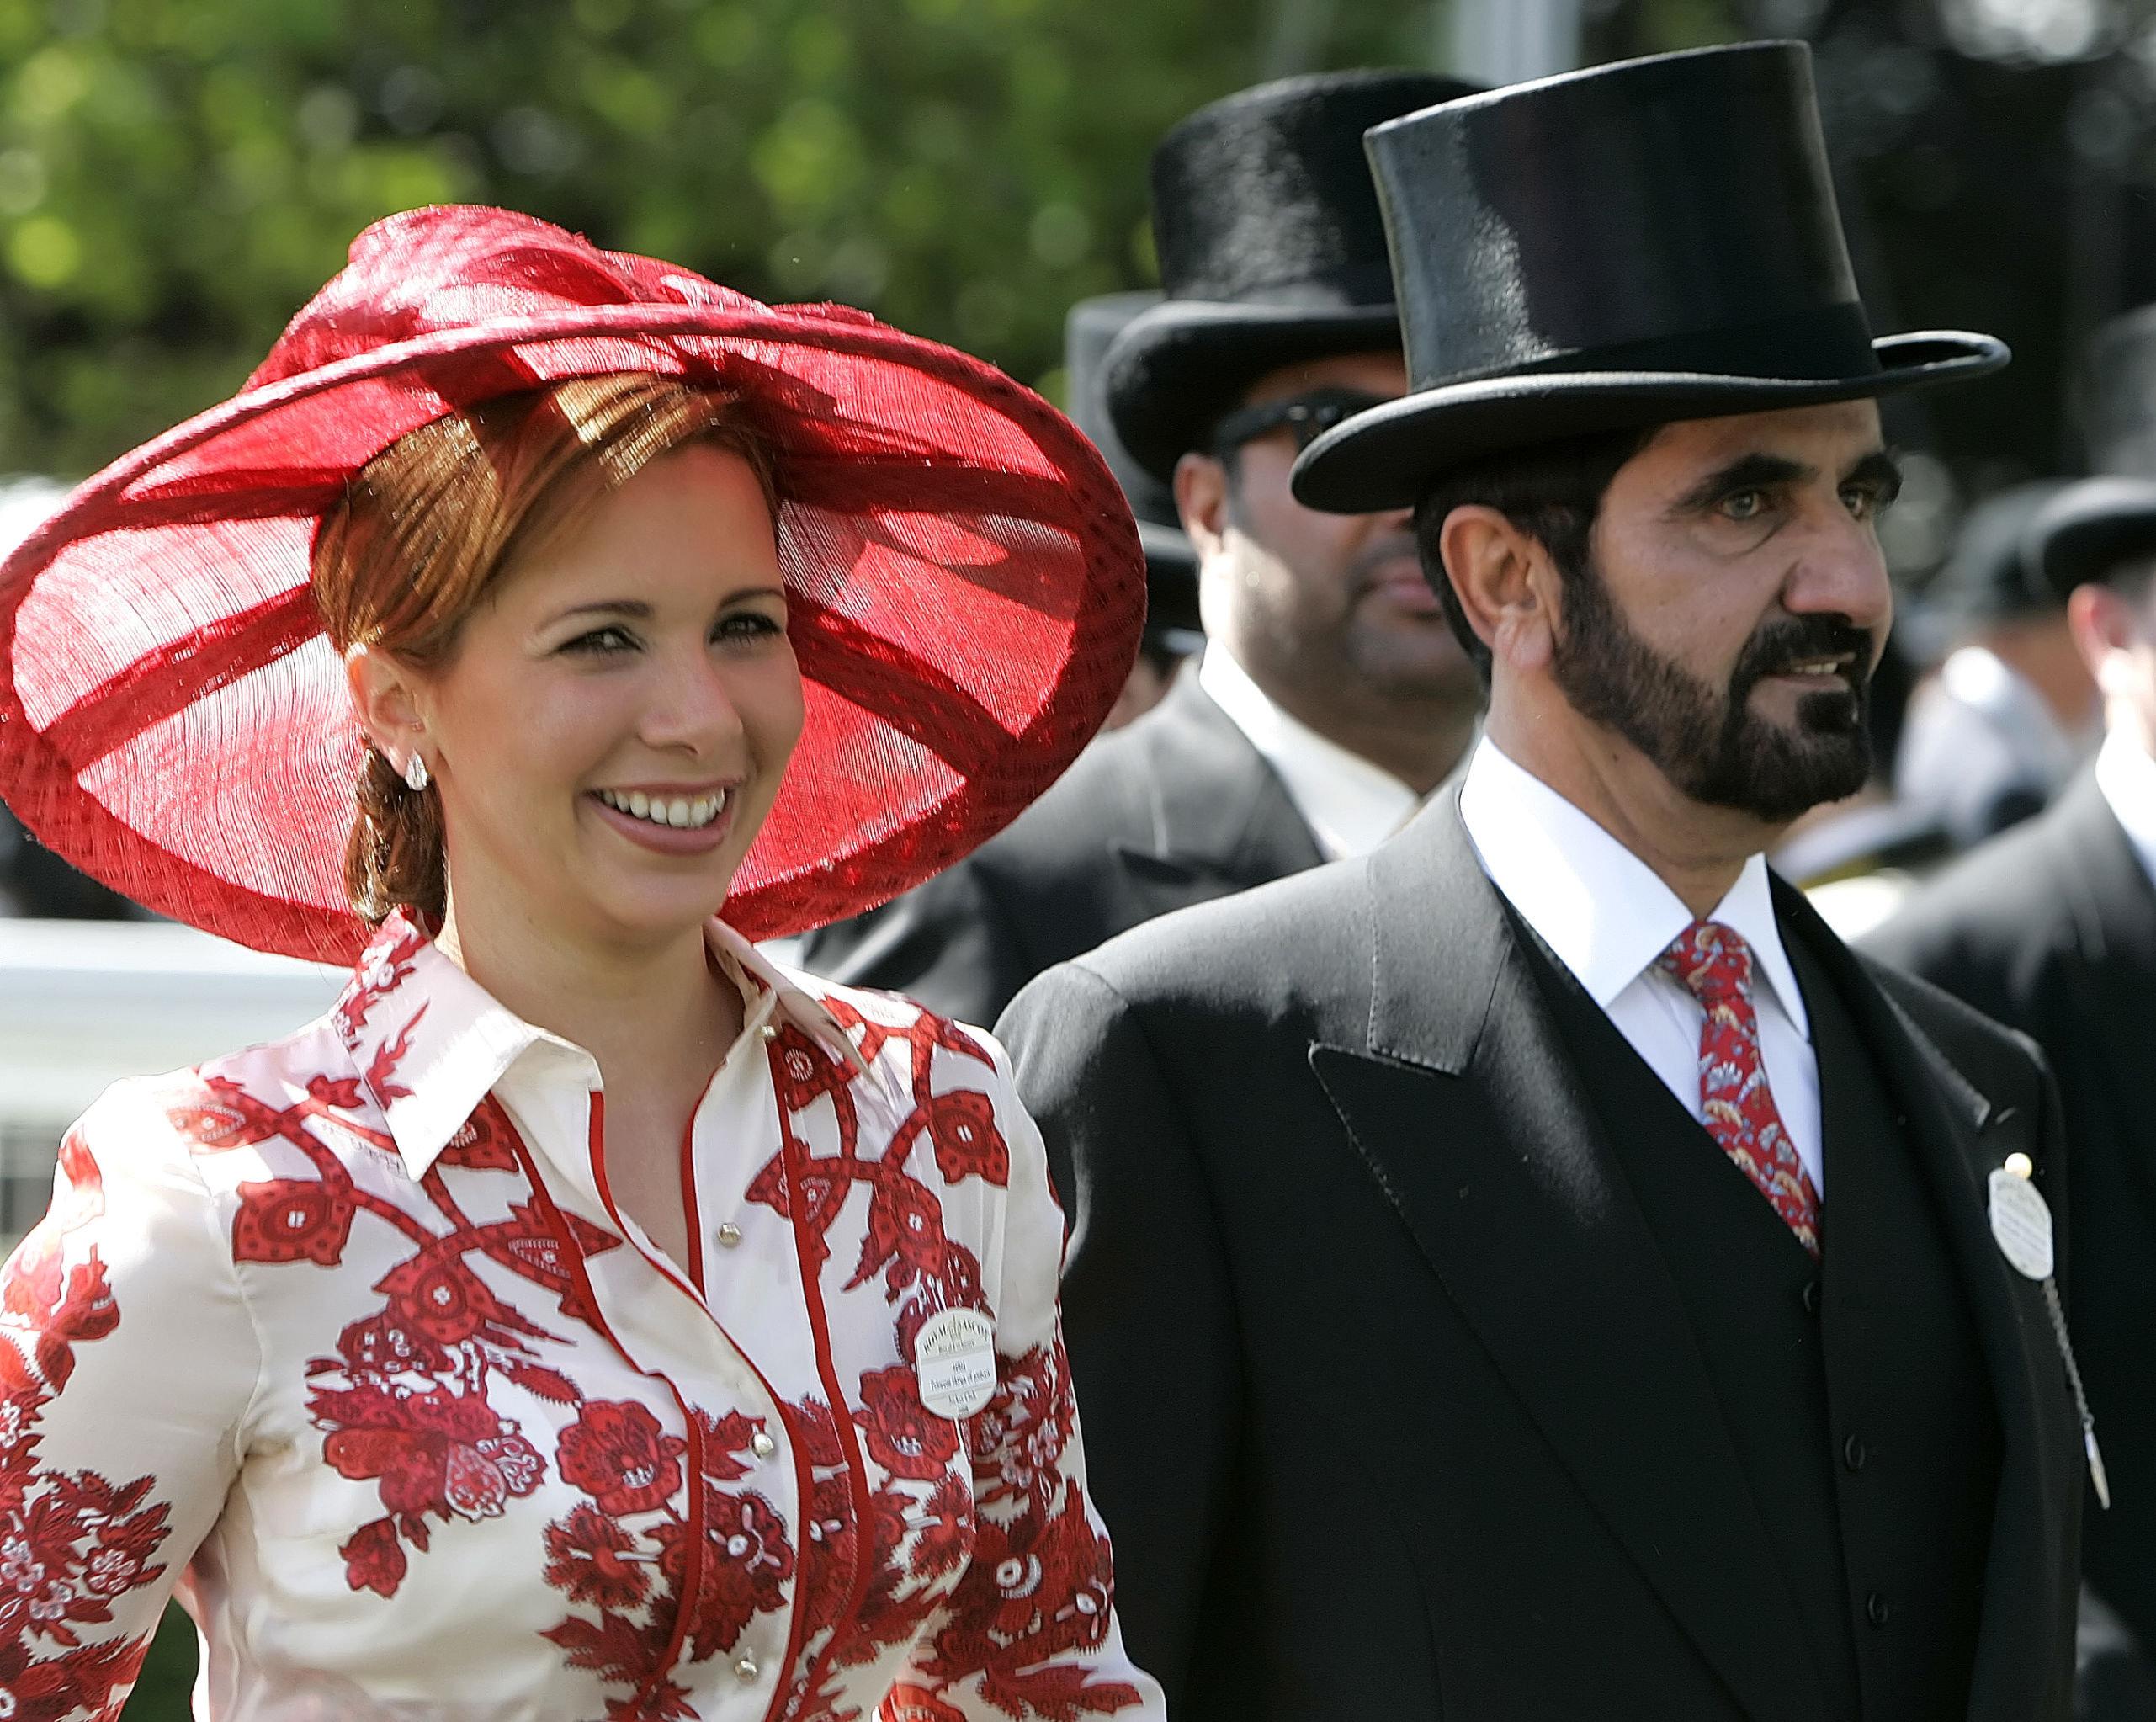 أمير دبي الشيخ محمد بن راشد آل مكتوم وزوجته الأميرة هيا بنت آل حسين في إنجلترا